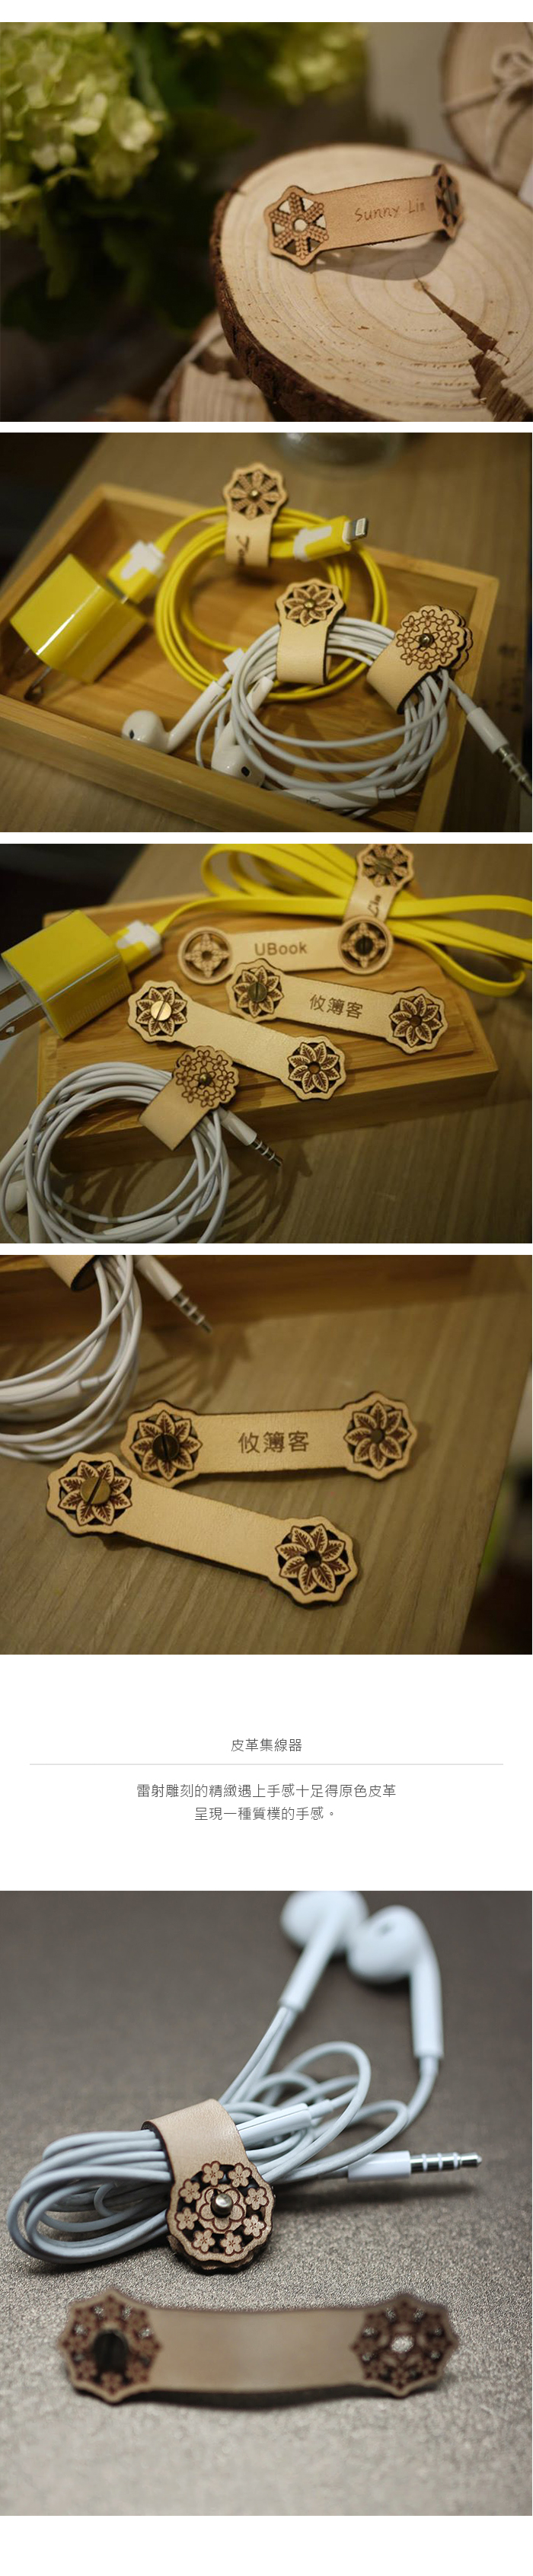 攸 UBook 可客製化 台灣生日花皮雕集線器 (價格包含5字內皮雕費用)